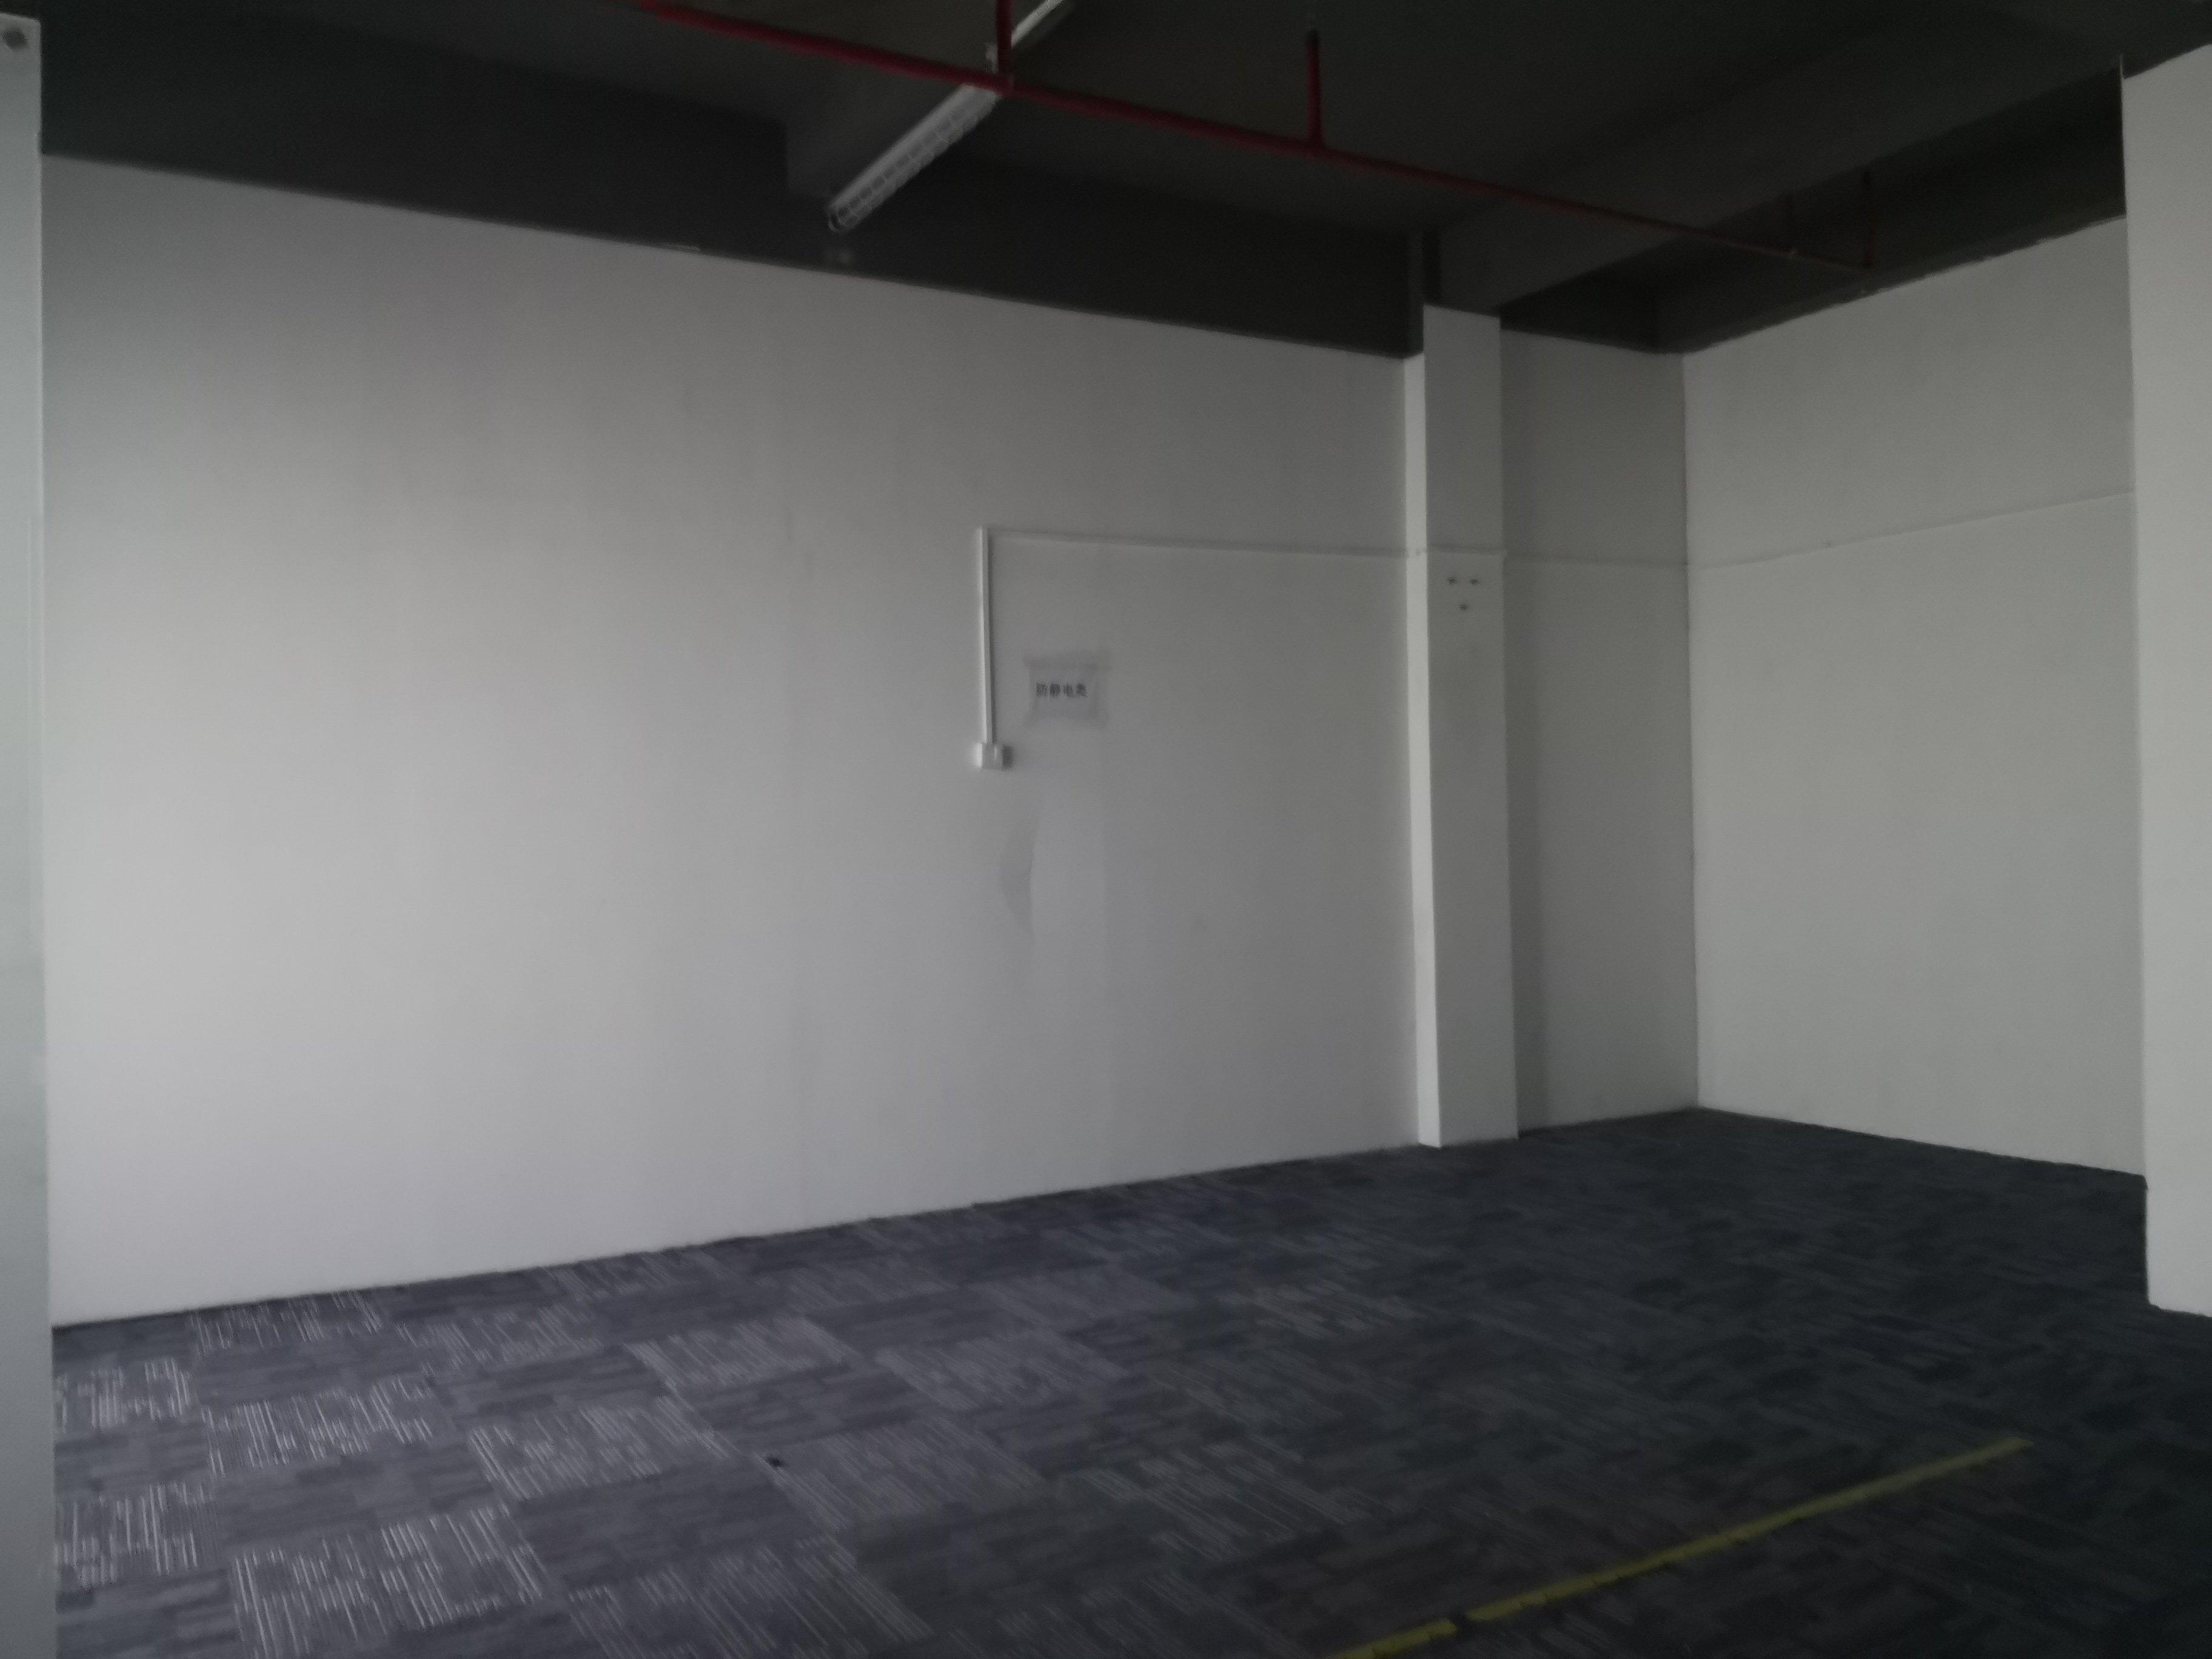 沙井中心路精装修小面积厂房,可以办公,仓库,面积220平